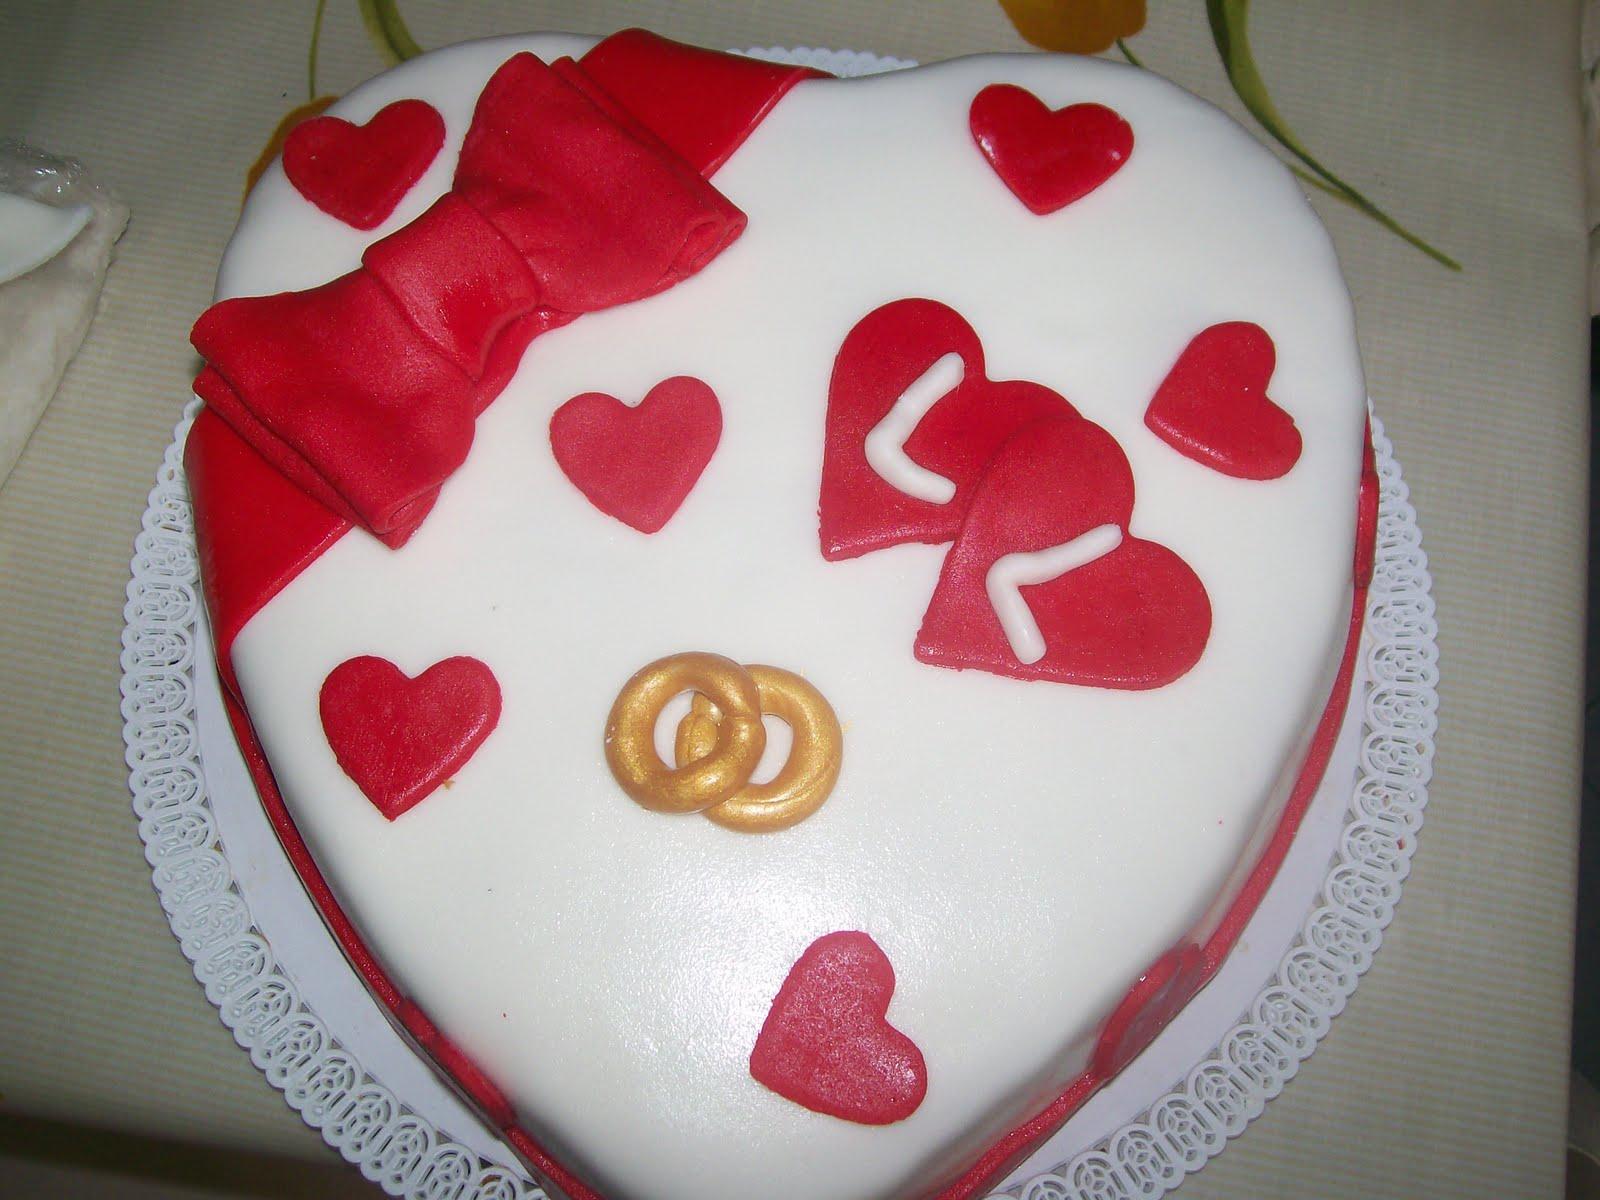 Anniversario Di Matrimonio 51 Anni.Delizie Pasticci Torte Anniversario Di Matrimonio